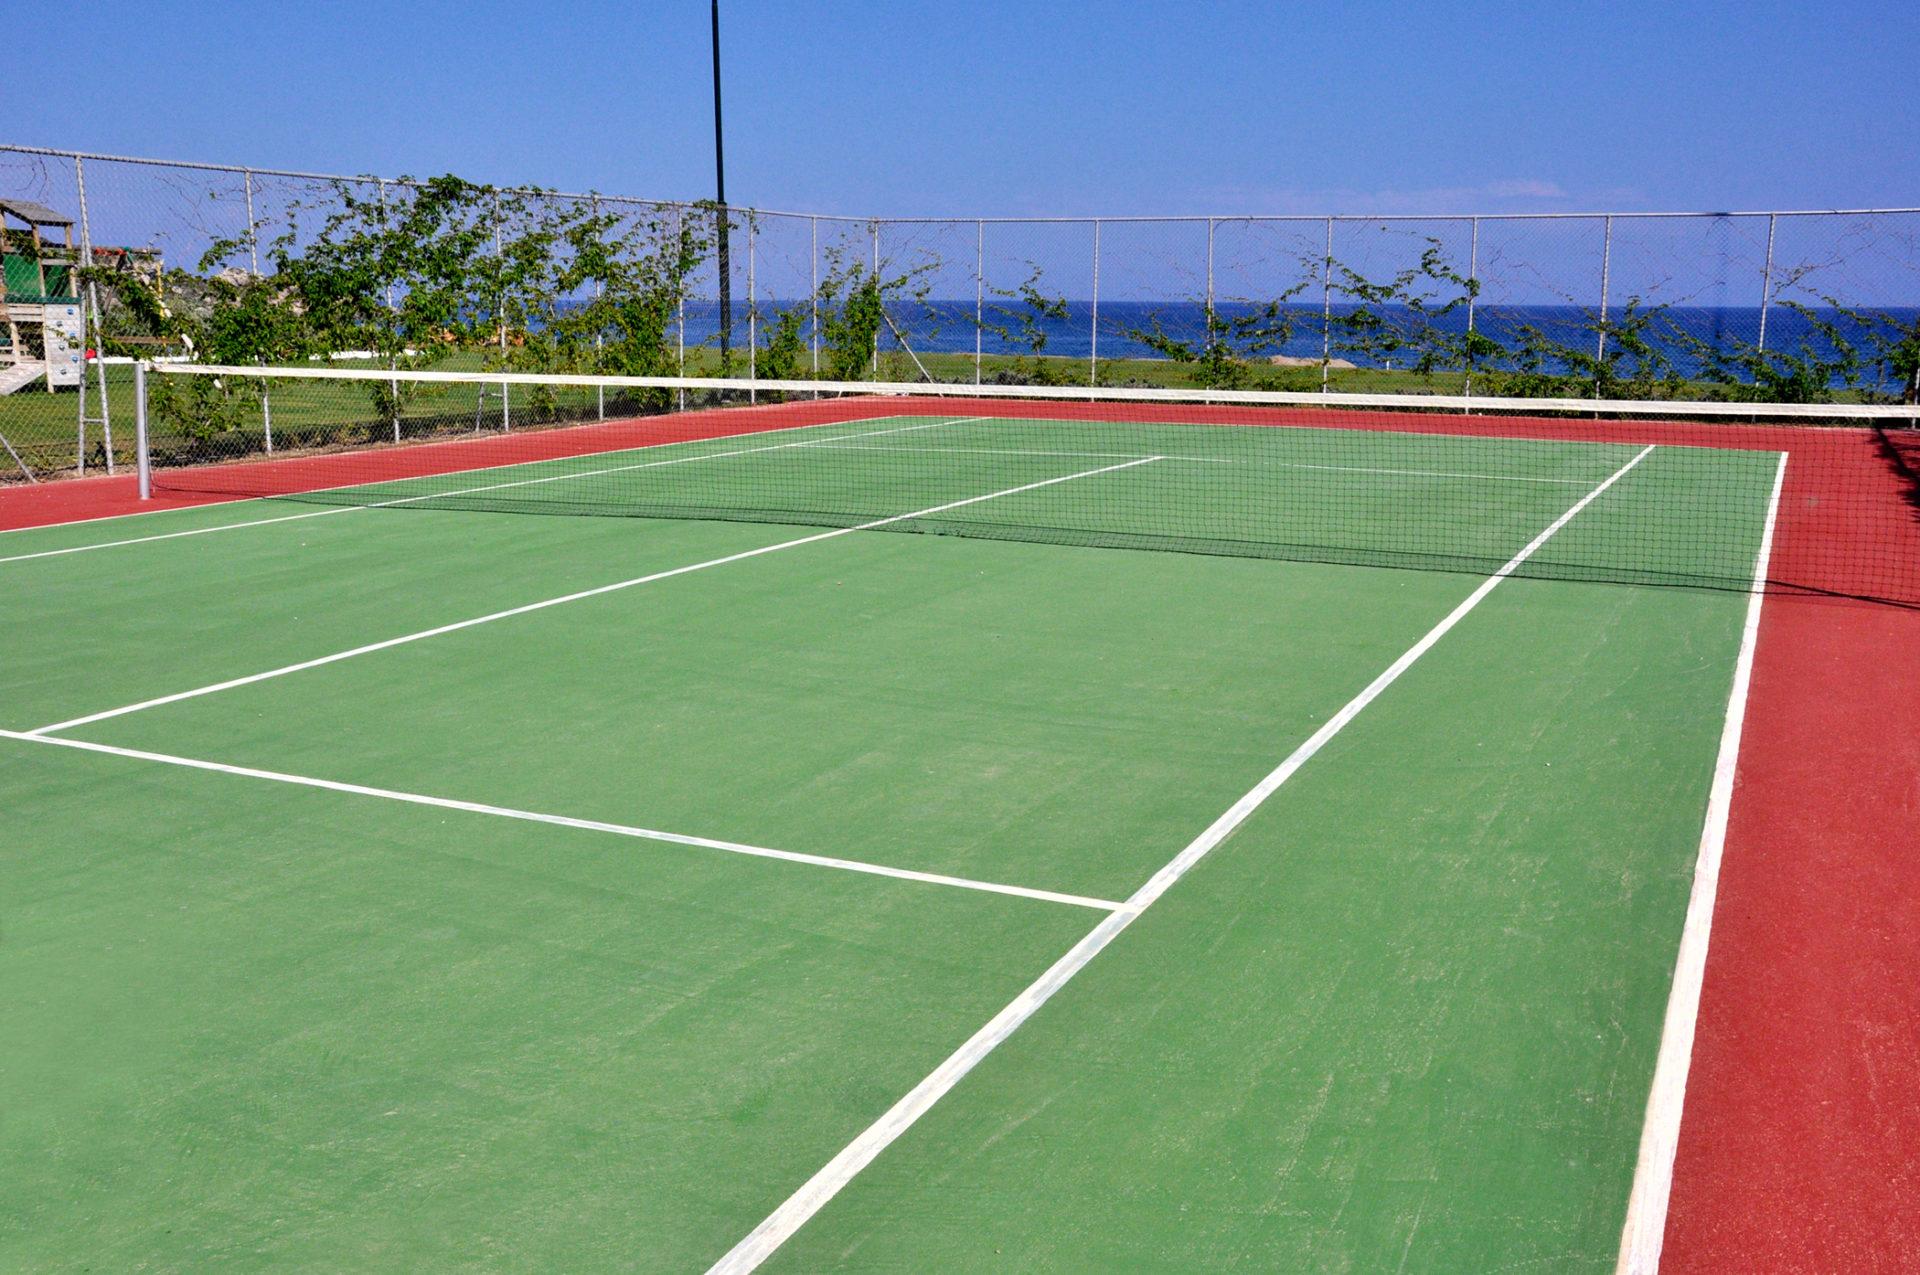 74_1001_Tennis_courts_ELYSIUM